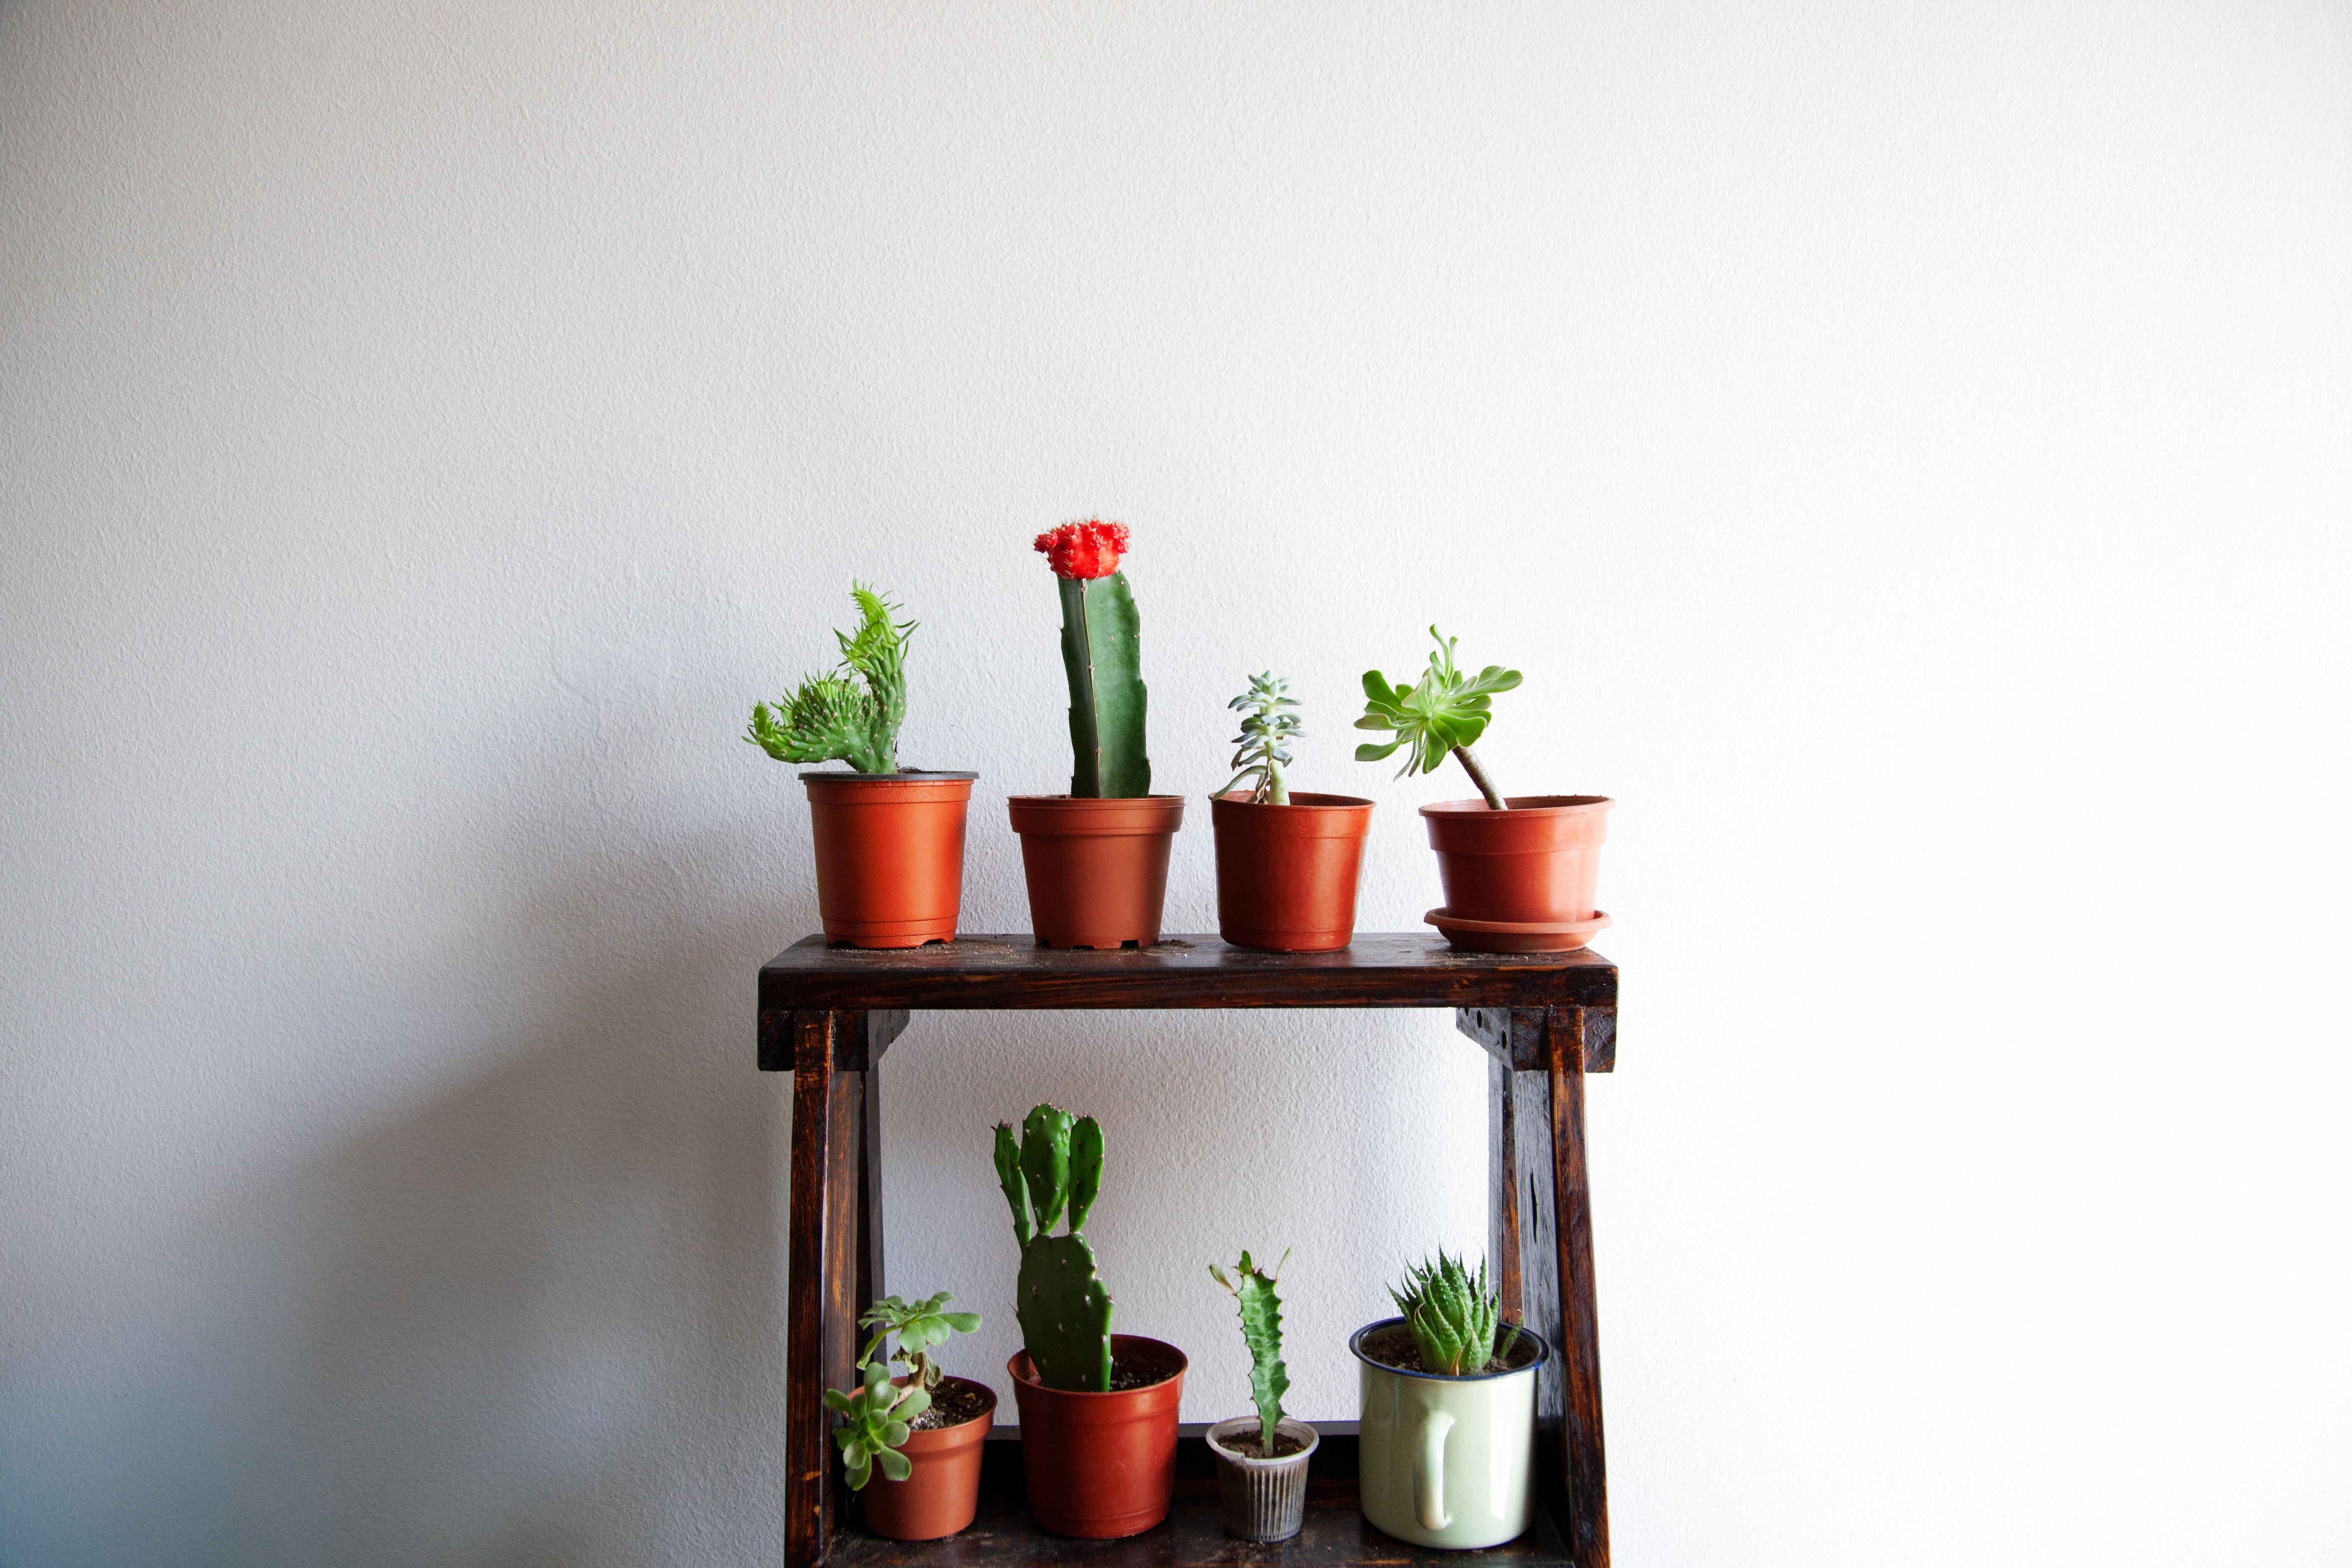 Fotos gratis : mesa, cactus, flor, verde, rojo, interior, estante ...